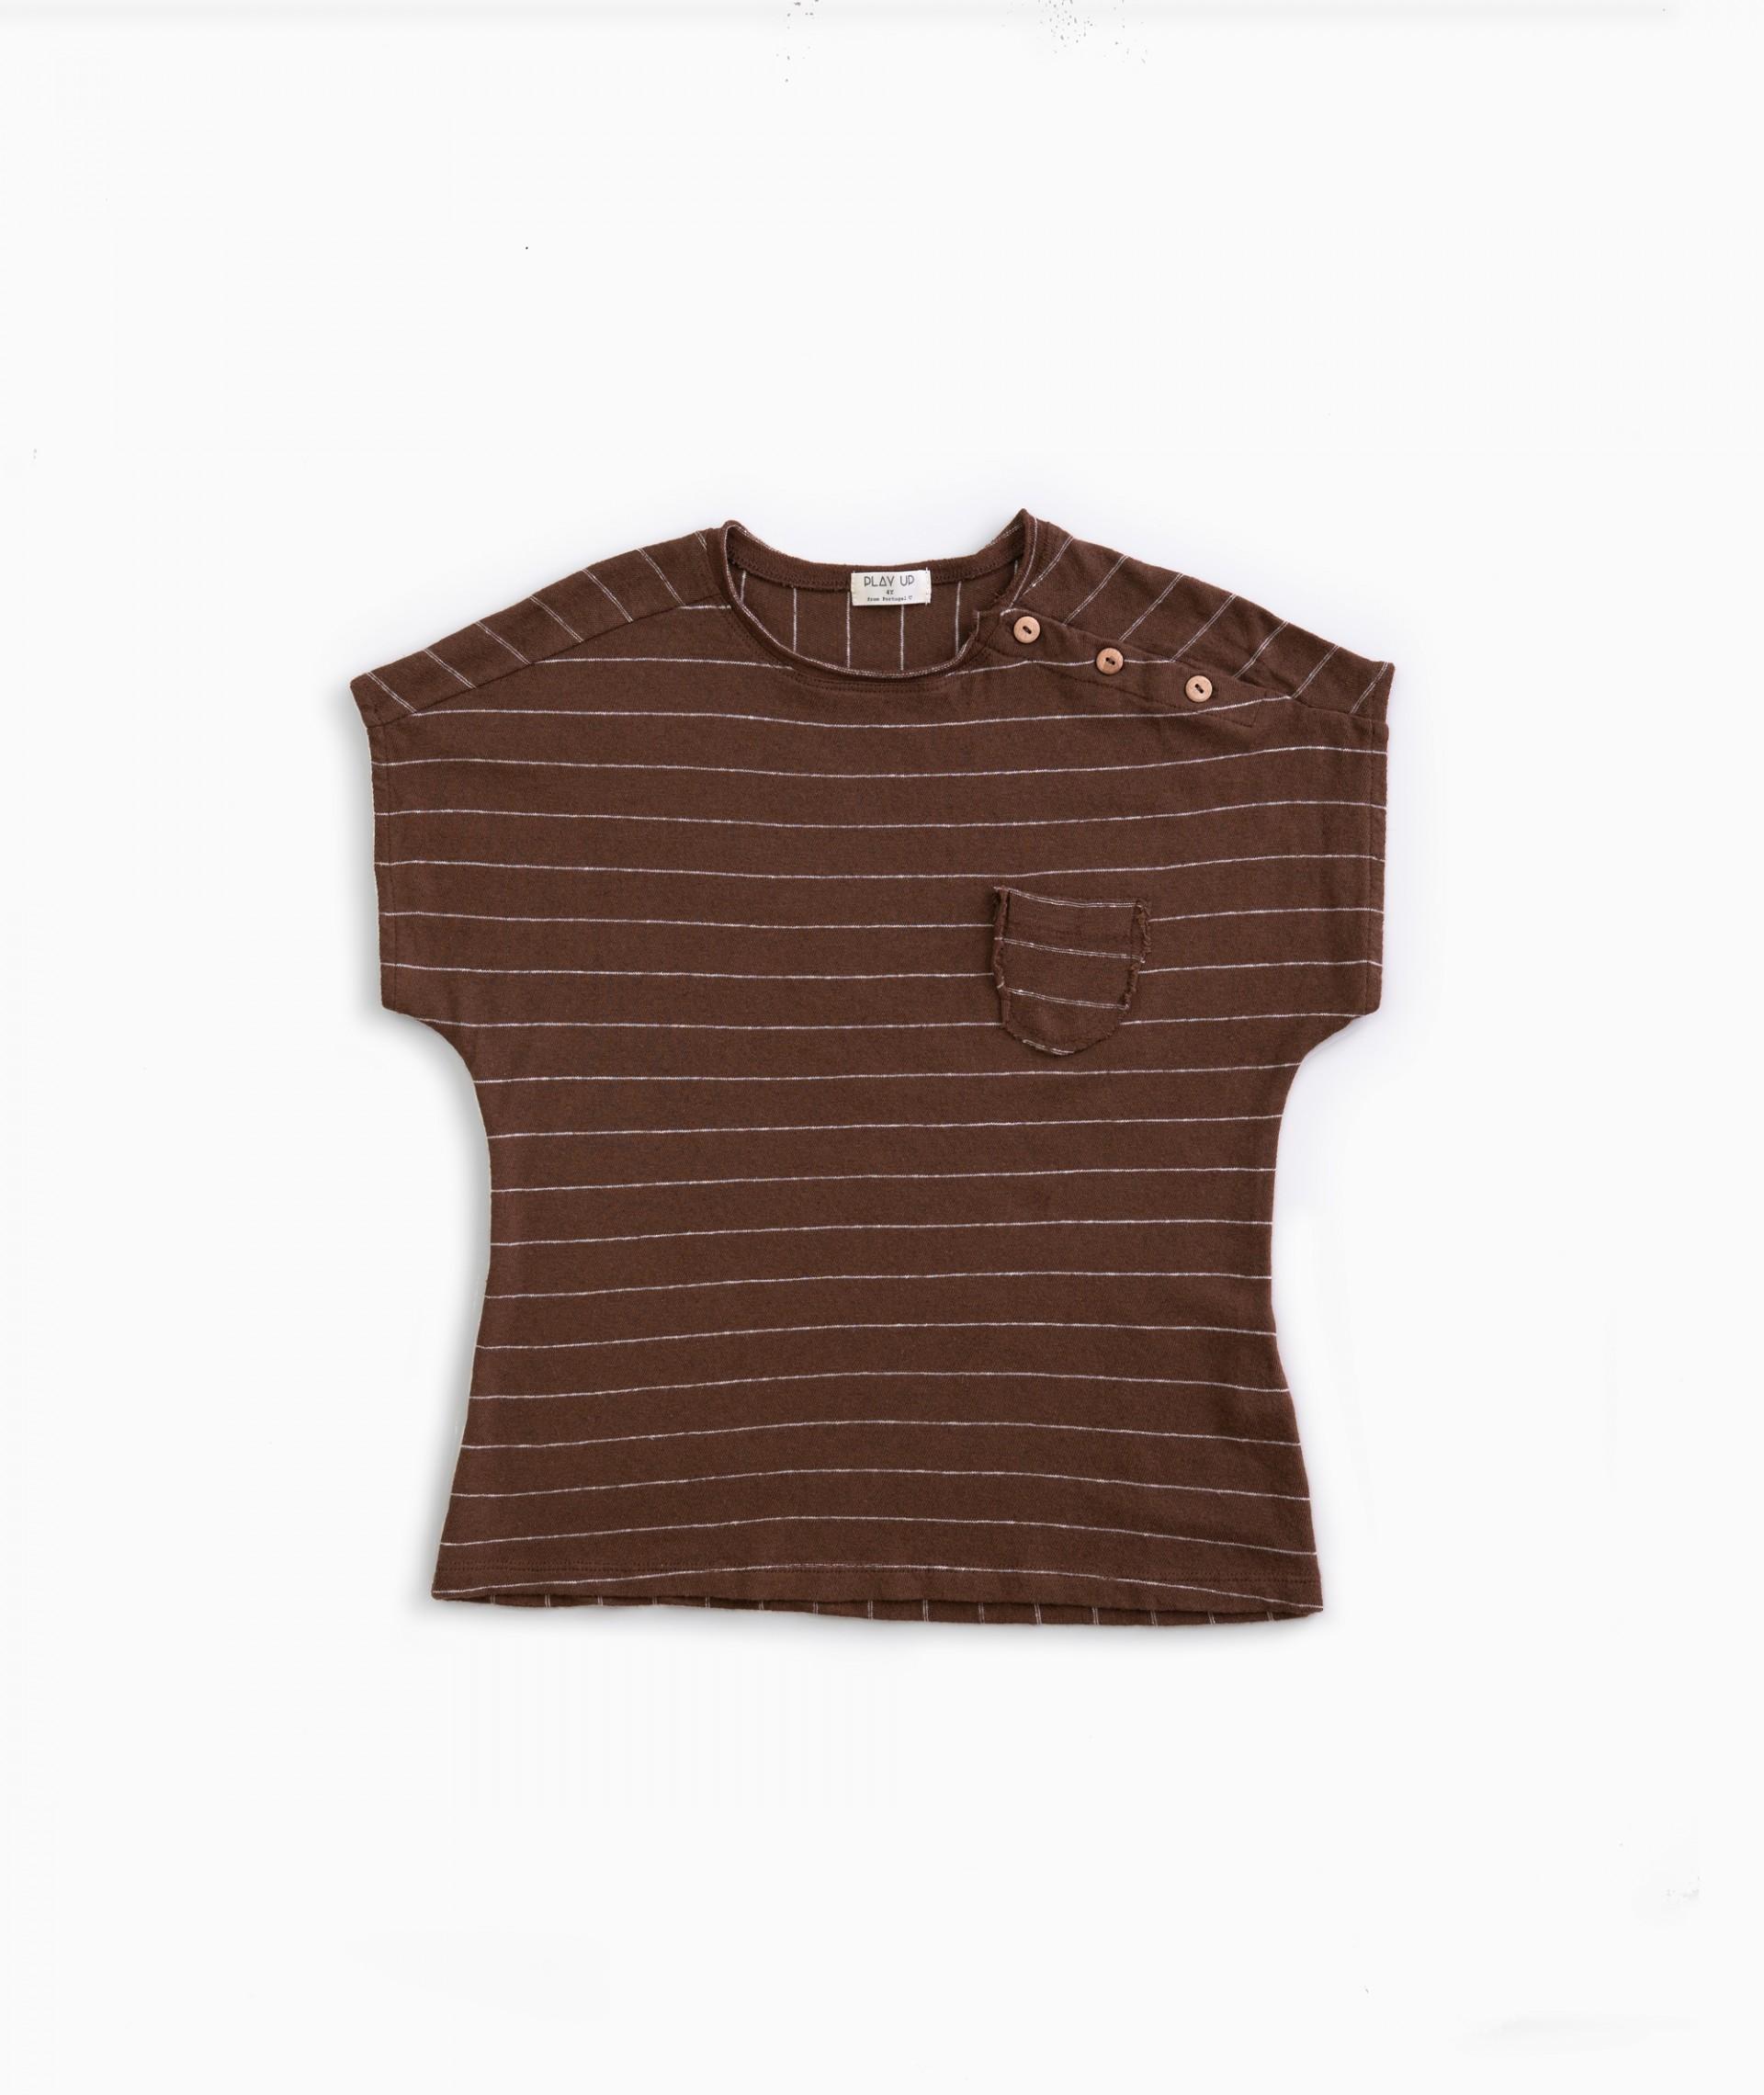 T-shirt cotton-linen | Weaving